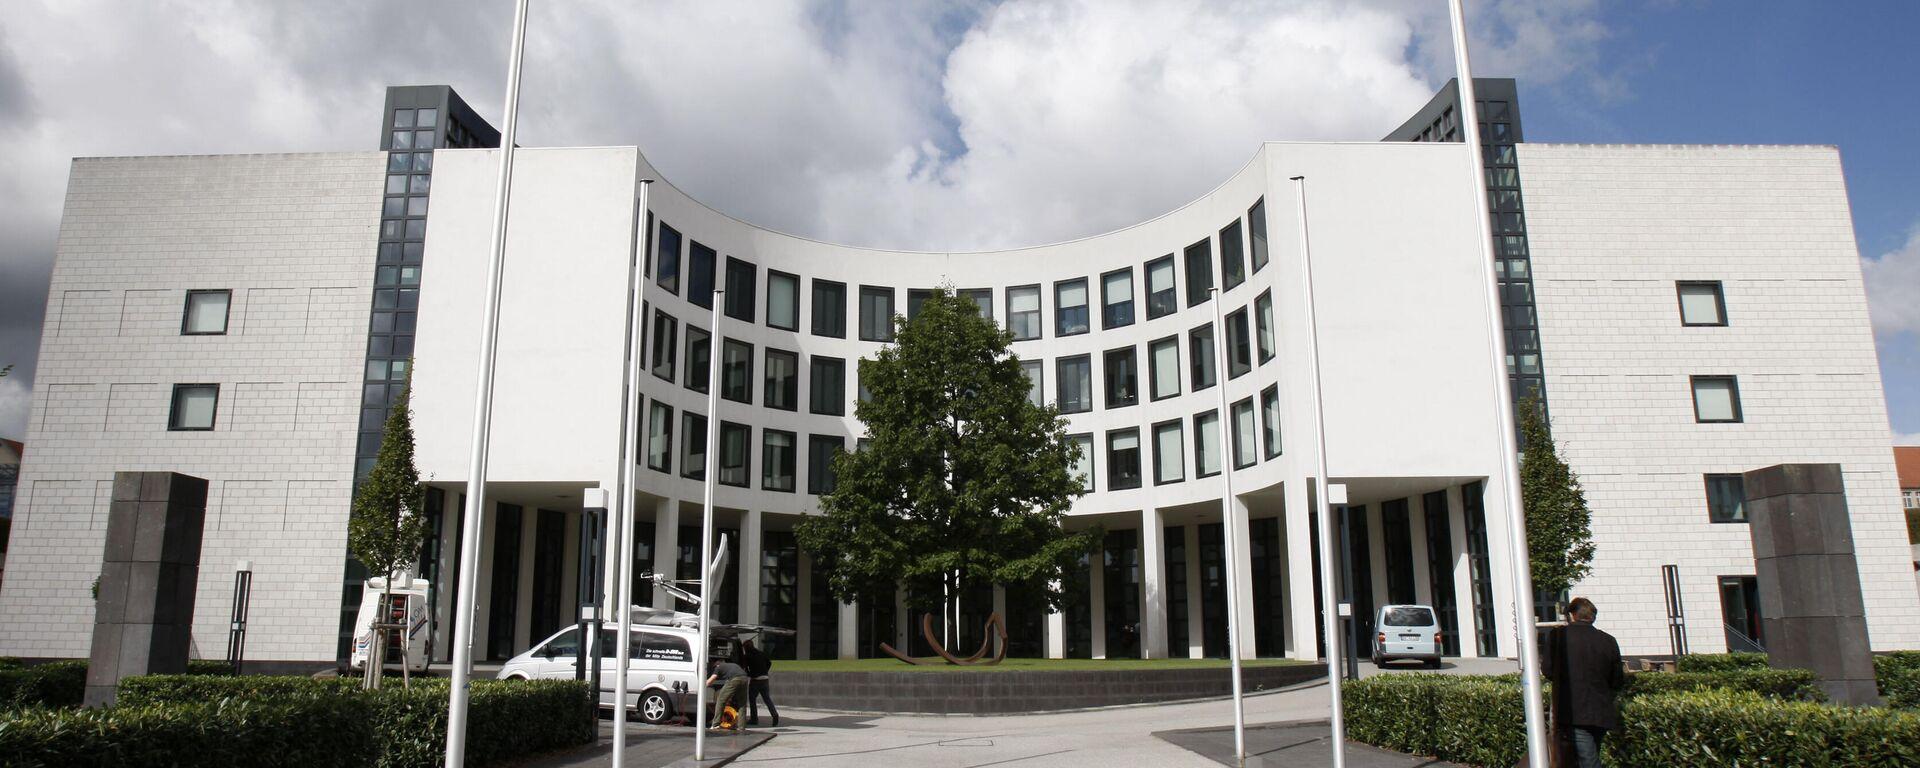 Das Gebäude der Bundesanwaltschaft in Karlsruhe - SNA, 1920, 01.10.2021